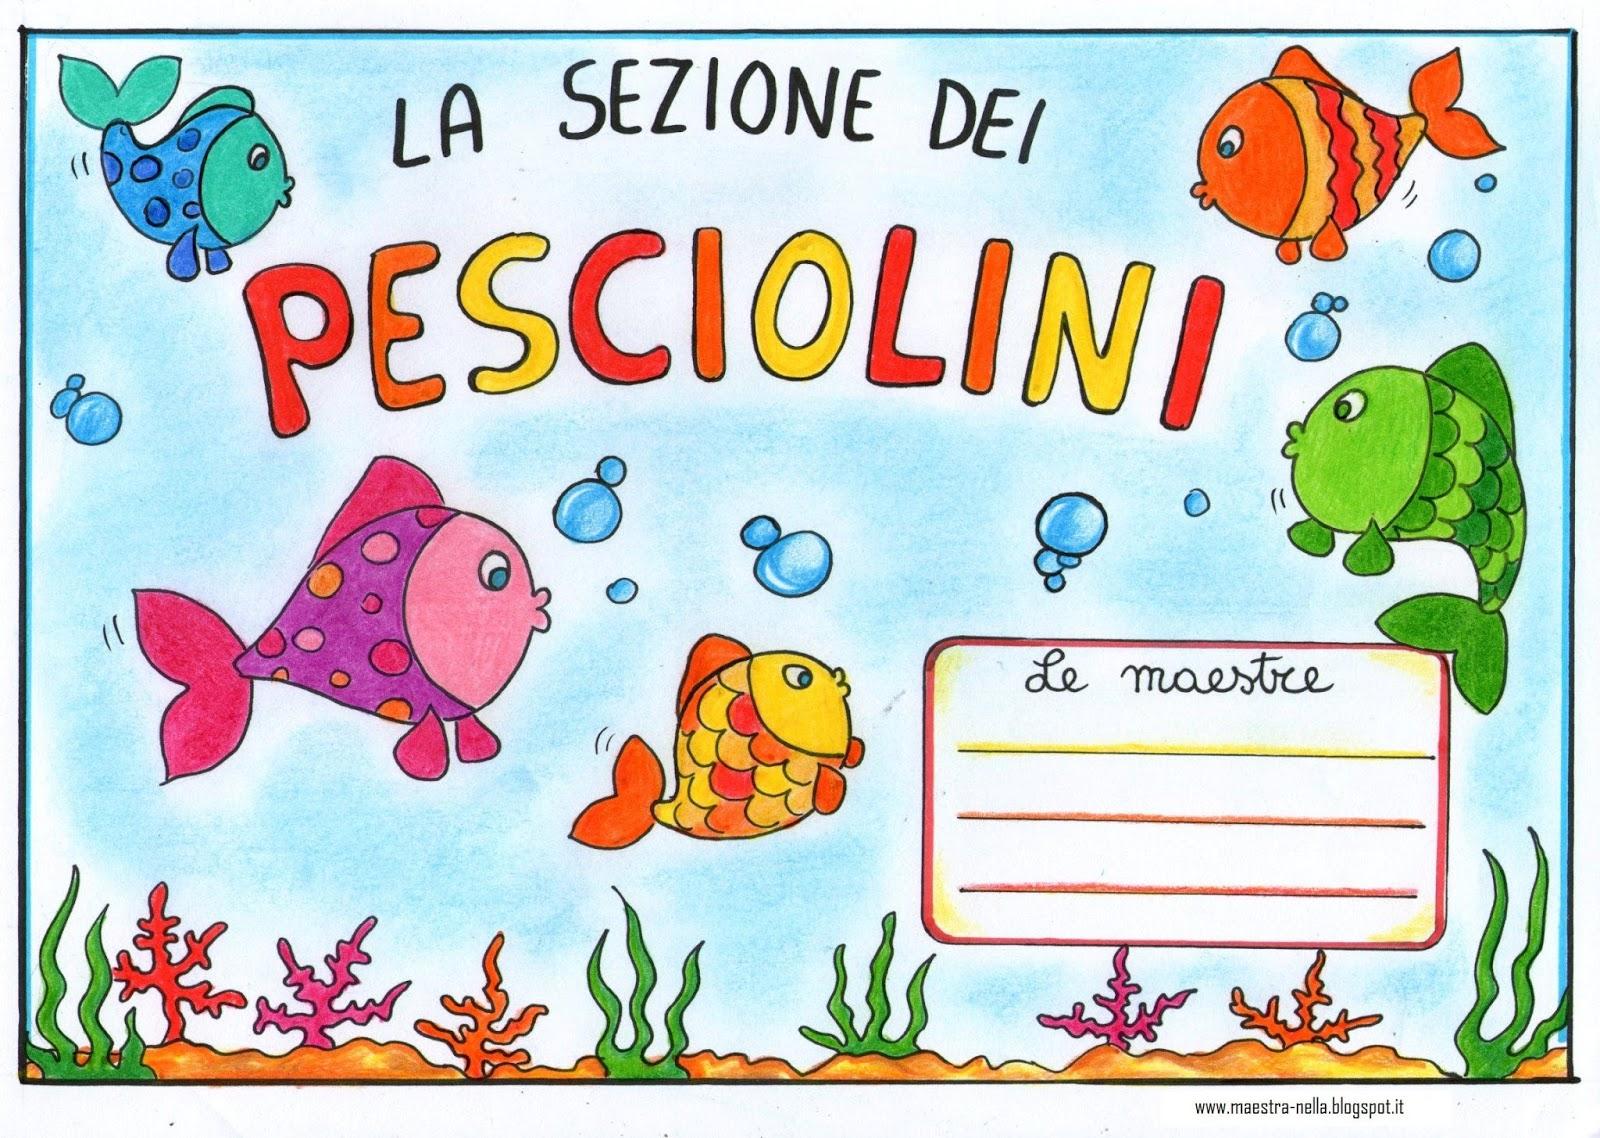 Maestra nella agosto 2013 for Pesciolini da colorare e stampare